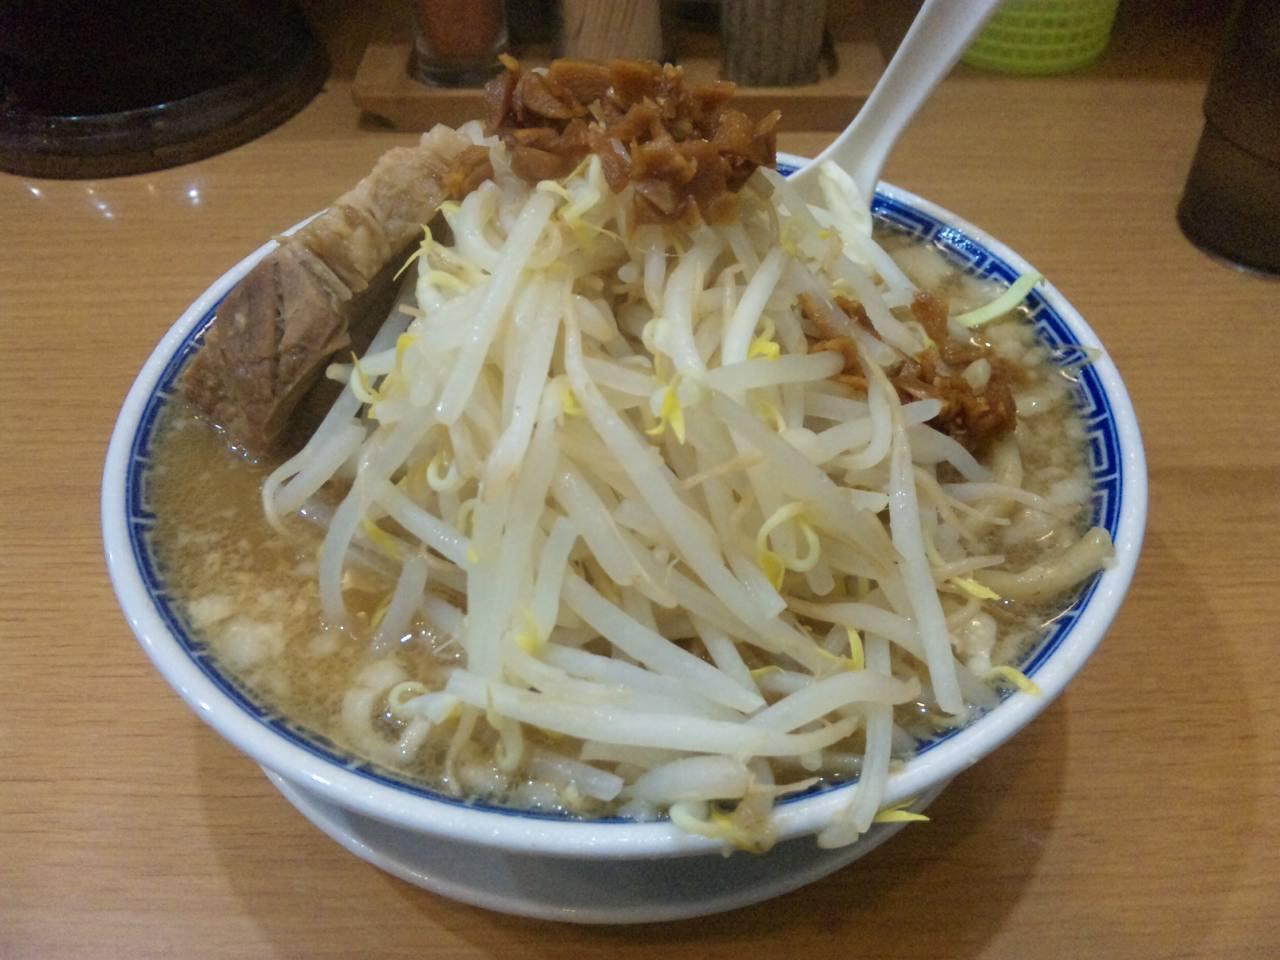 埼玉県東川口でみつけた美味しいラーメン屋さんはここだぁーー!のサムネイル画像